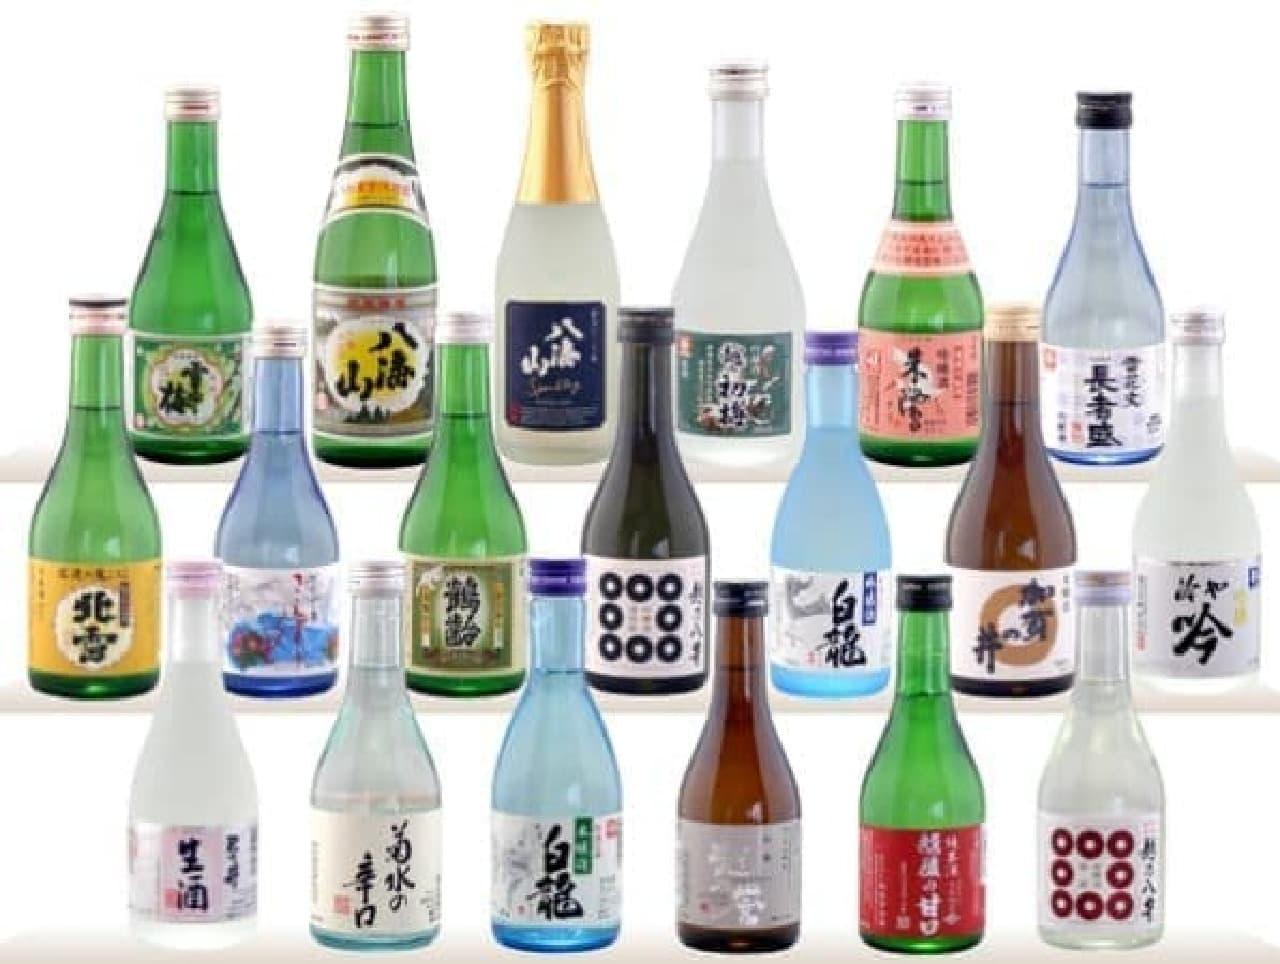 新潟の日本酒4種が届く  (出典:まさか!酒店)